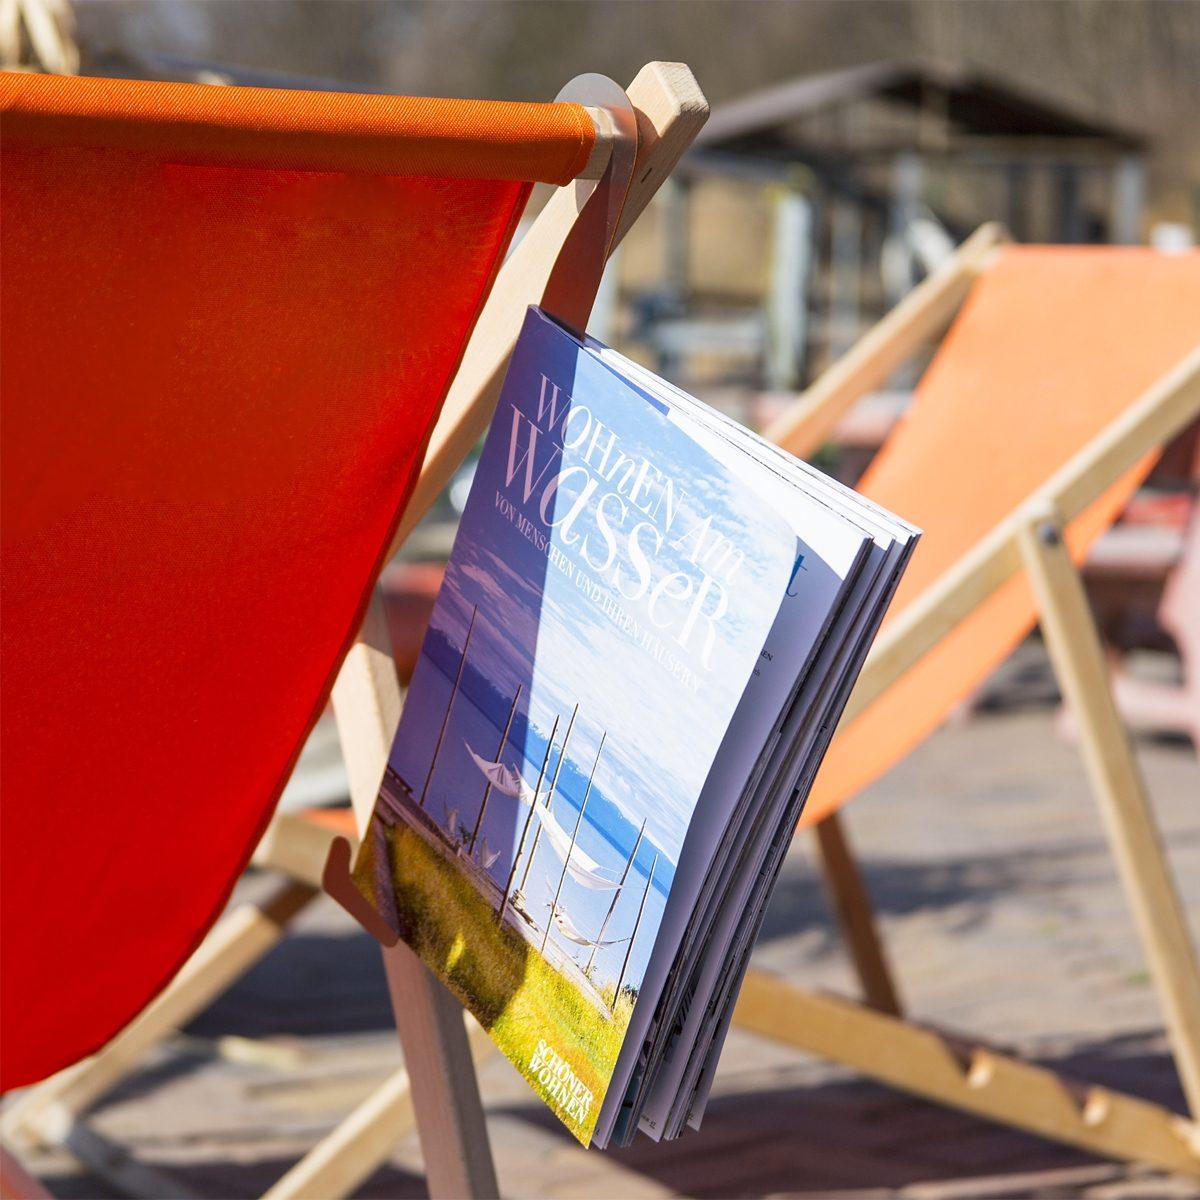 Designerstahl Stahlglanz Zeitschriftenhaken Edelstahl glänzend